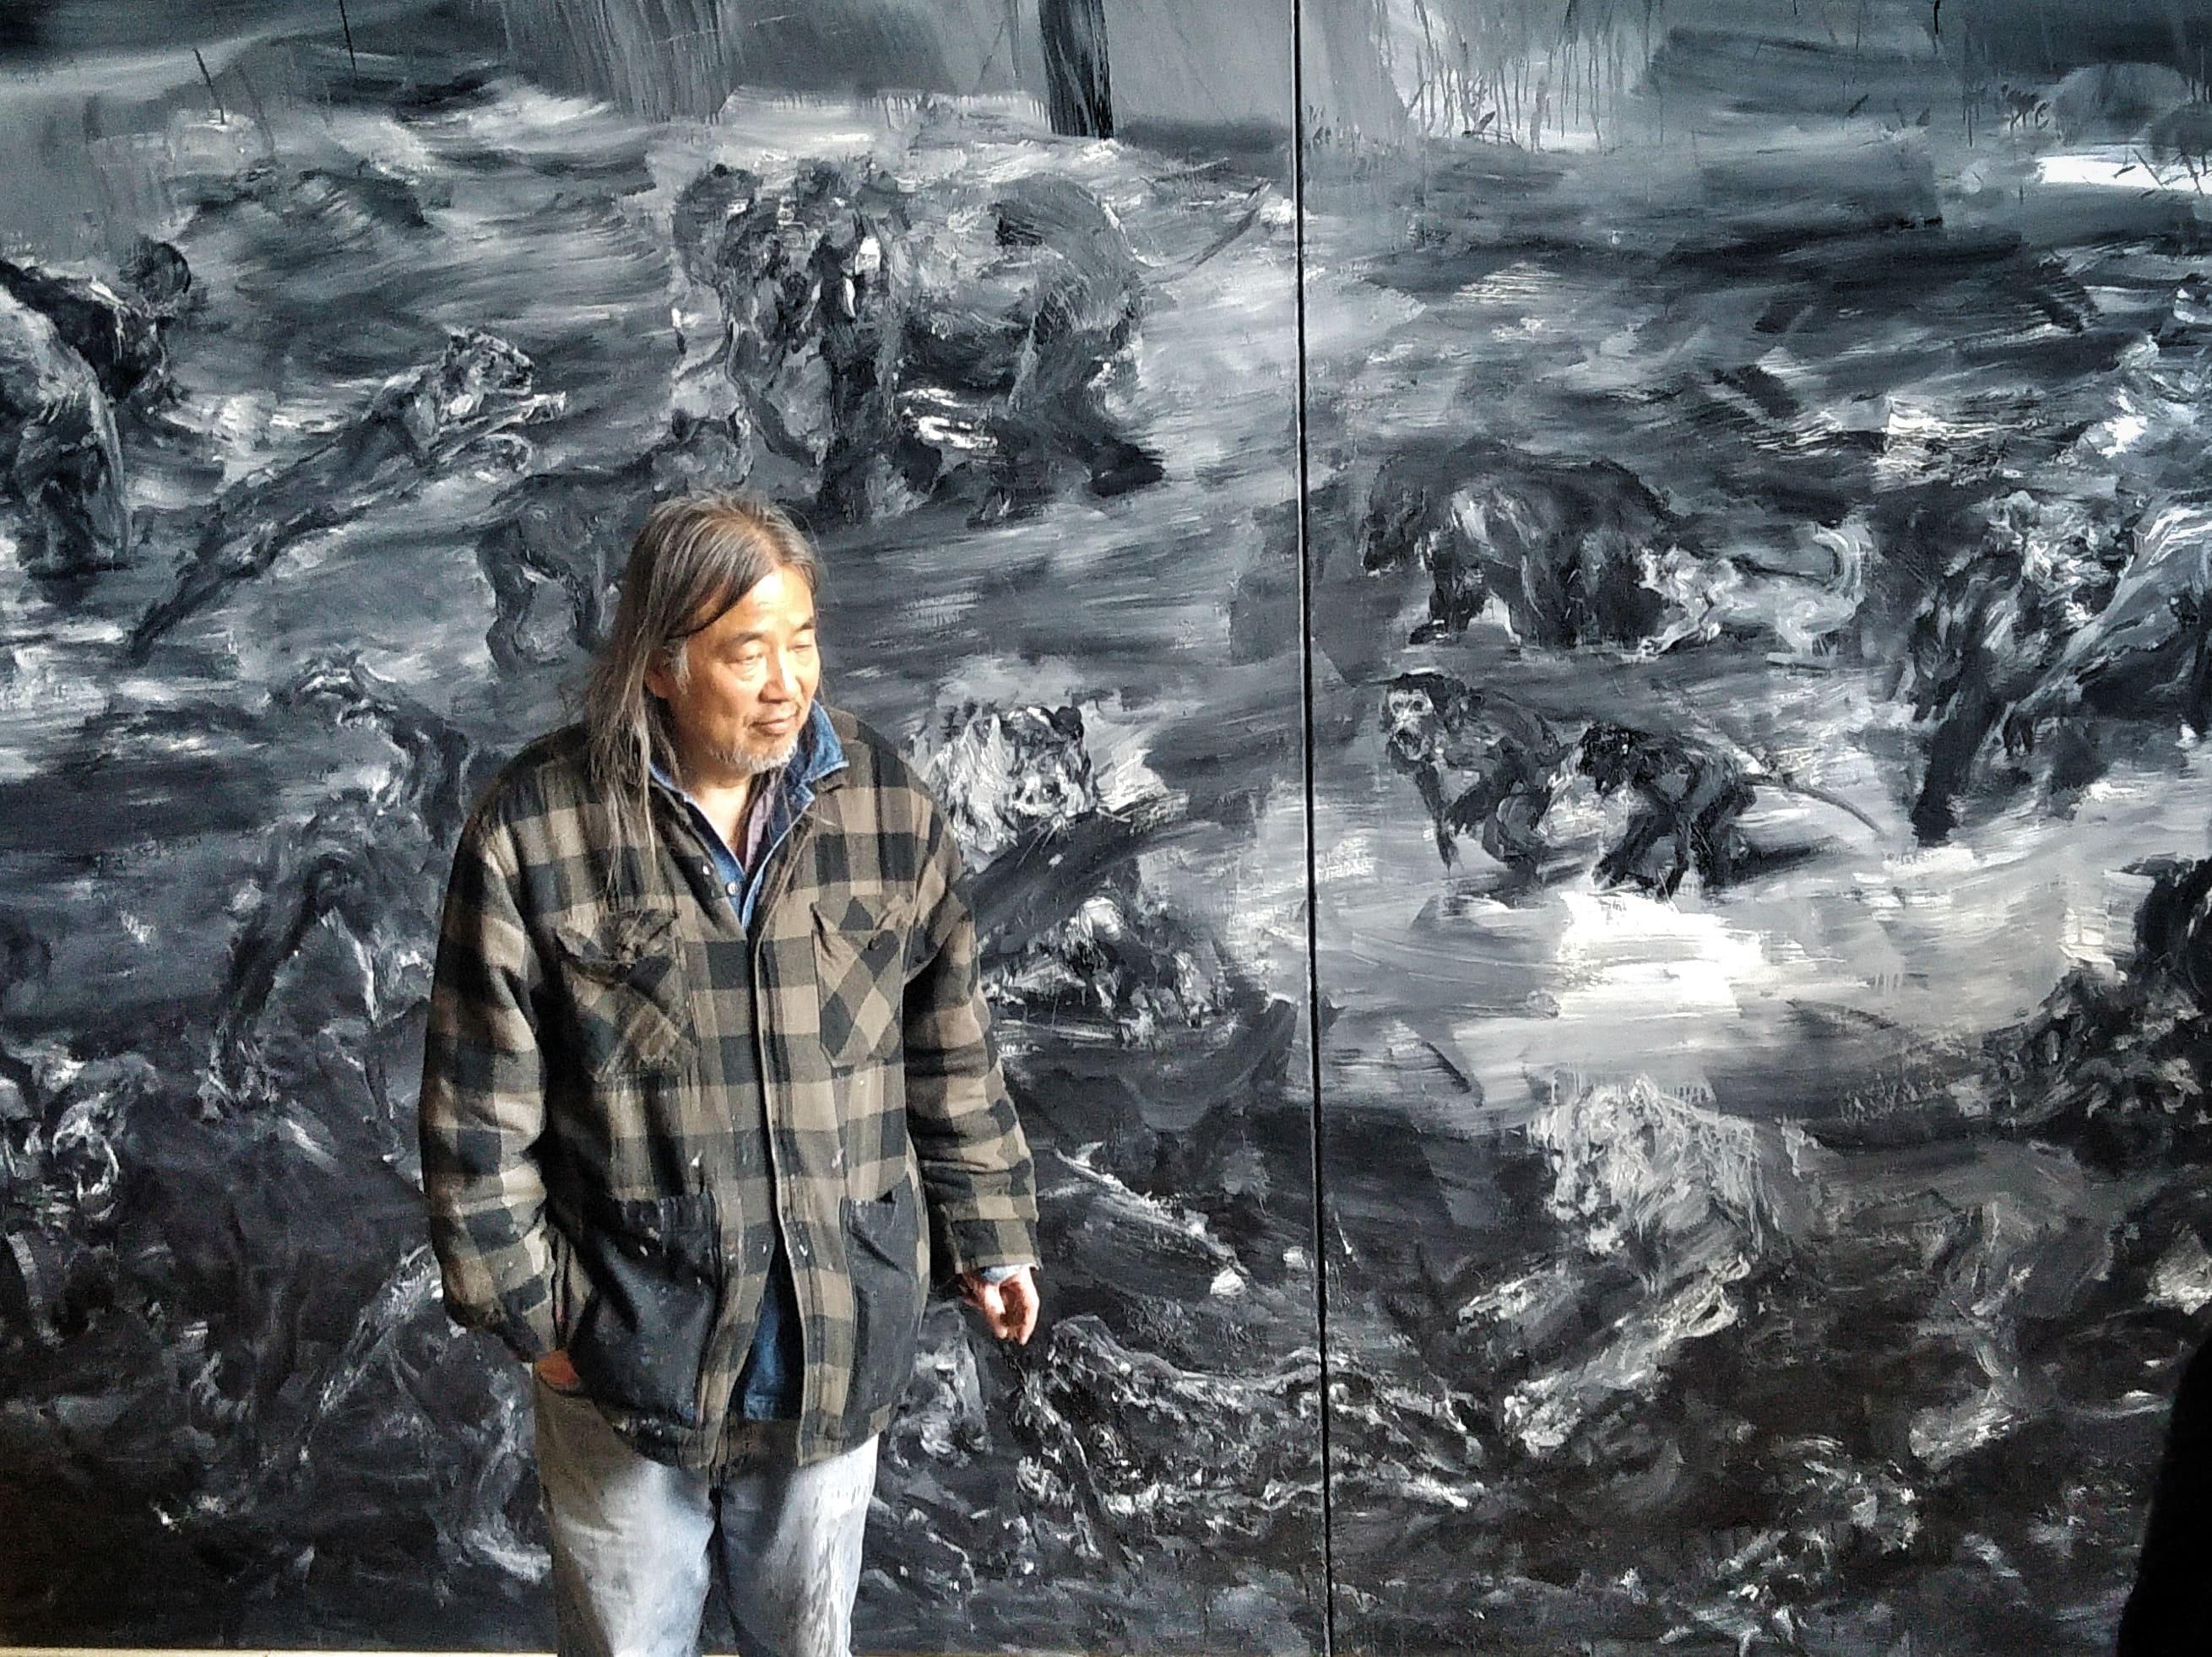 L'atelier du peintre: l'artiste Yan Pei-Ming rencontre à Ornans les professeurs d'arts plastiques du bassin de Pontarlier